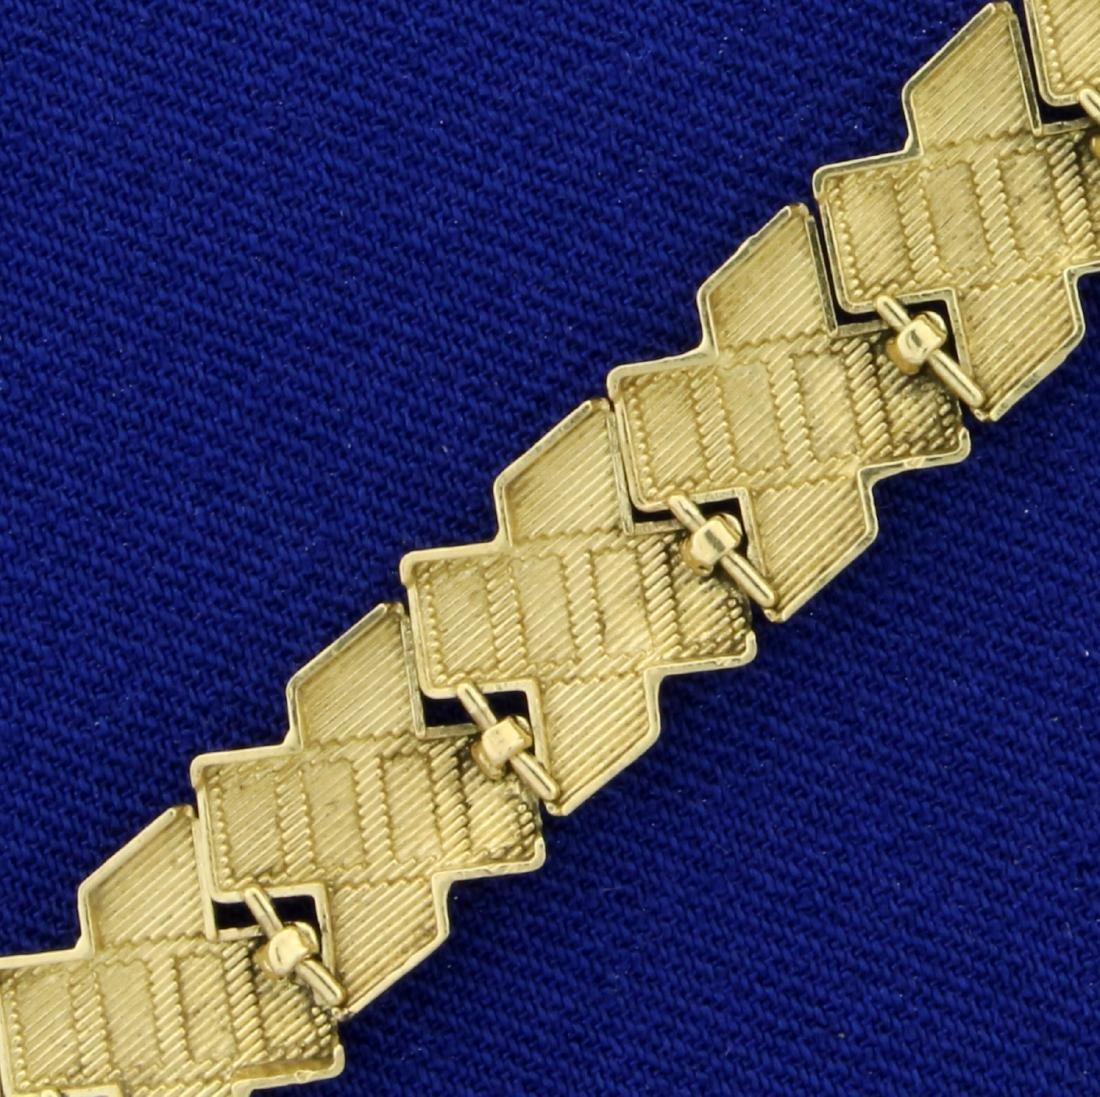 Diamond Cut X-Link Bracelet in 10K Yellow Gold - 3